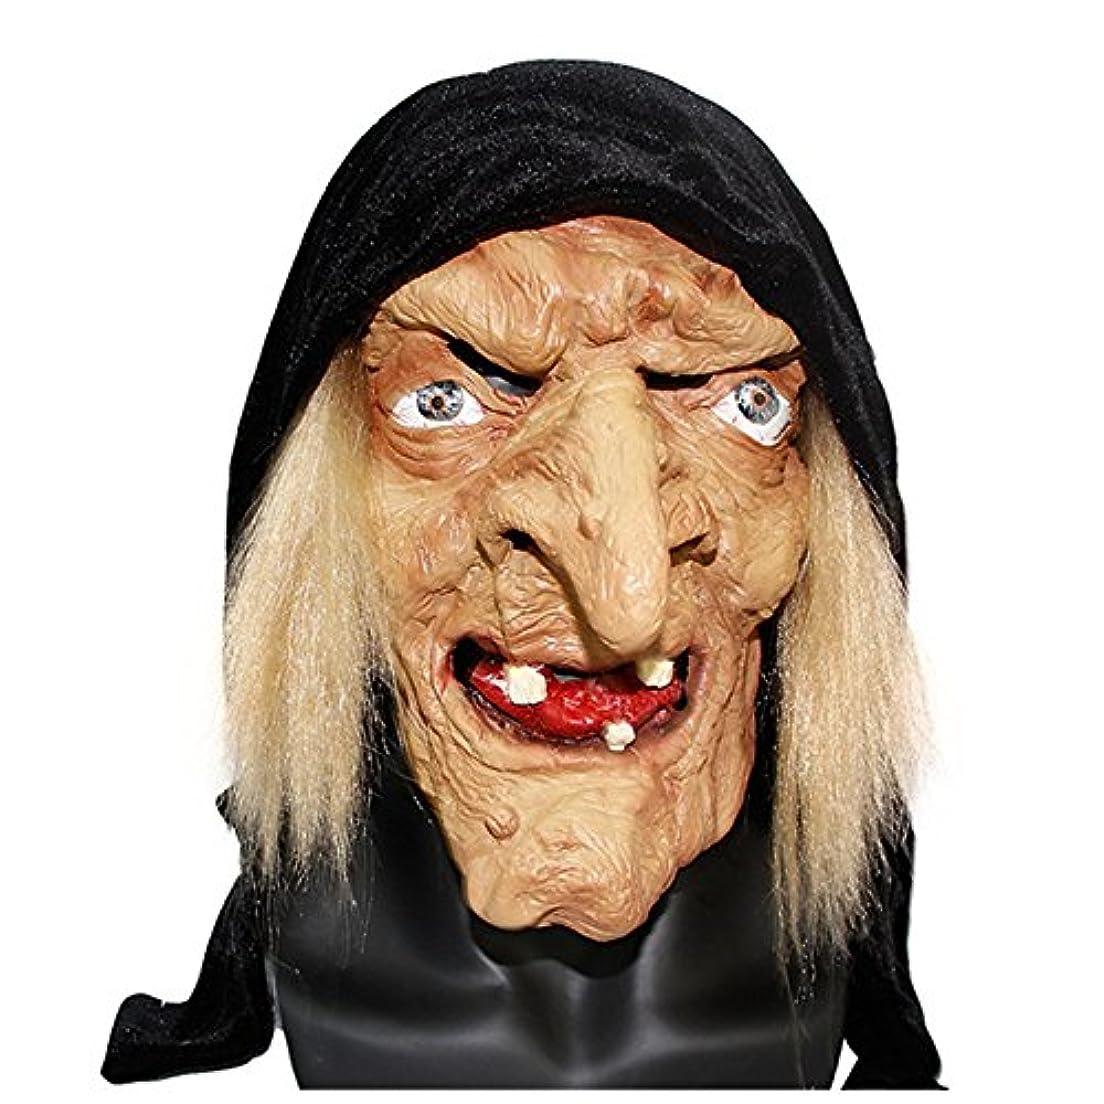 第二に帰る薬を飲むハロウィンマスク魔女の顔ラテックスヘッドギア怖いお化け屋敷のおもちゃホラー大人の女性の装飾的なフェイスマスク